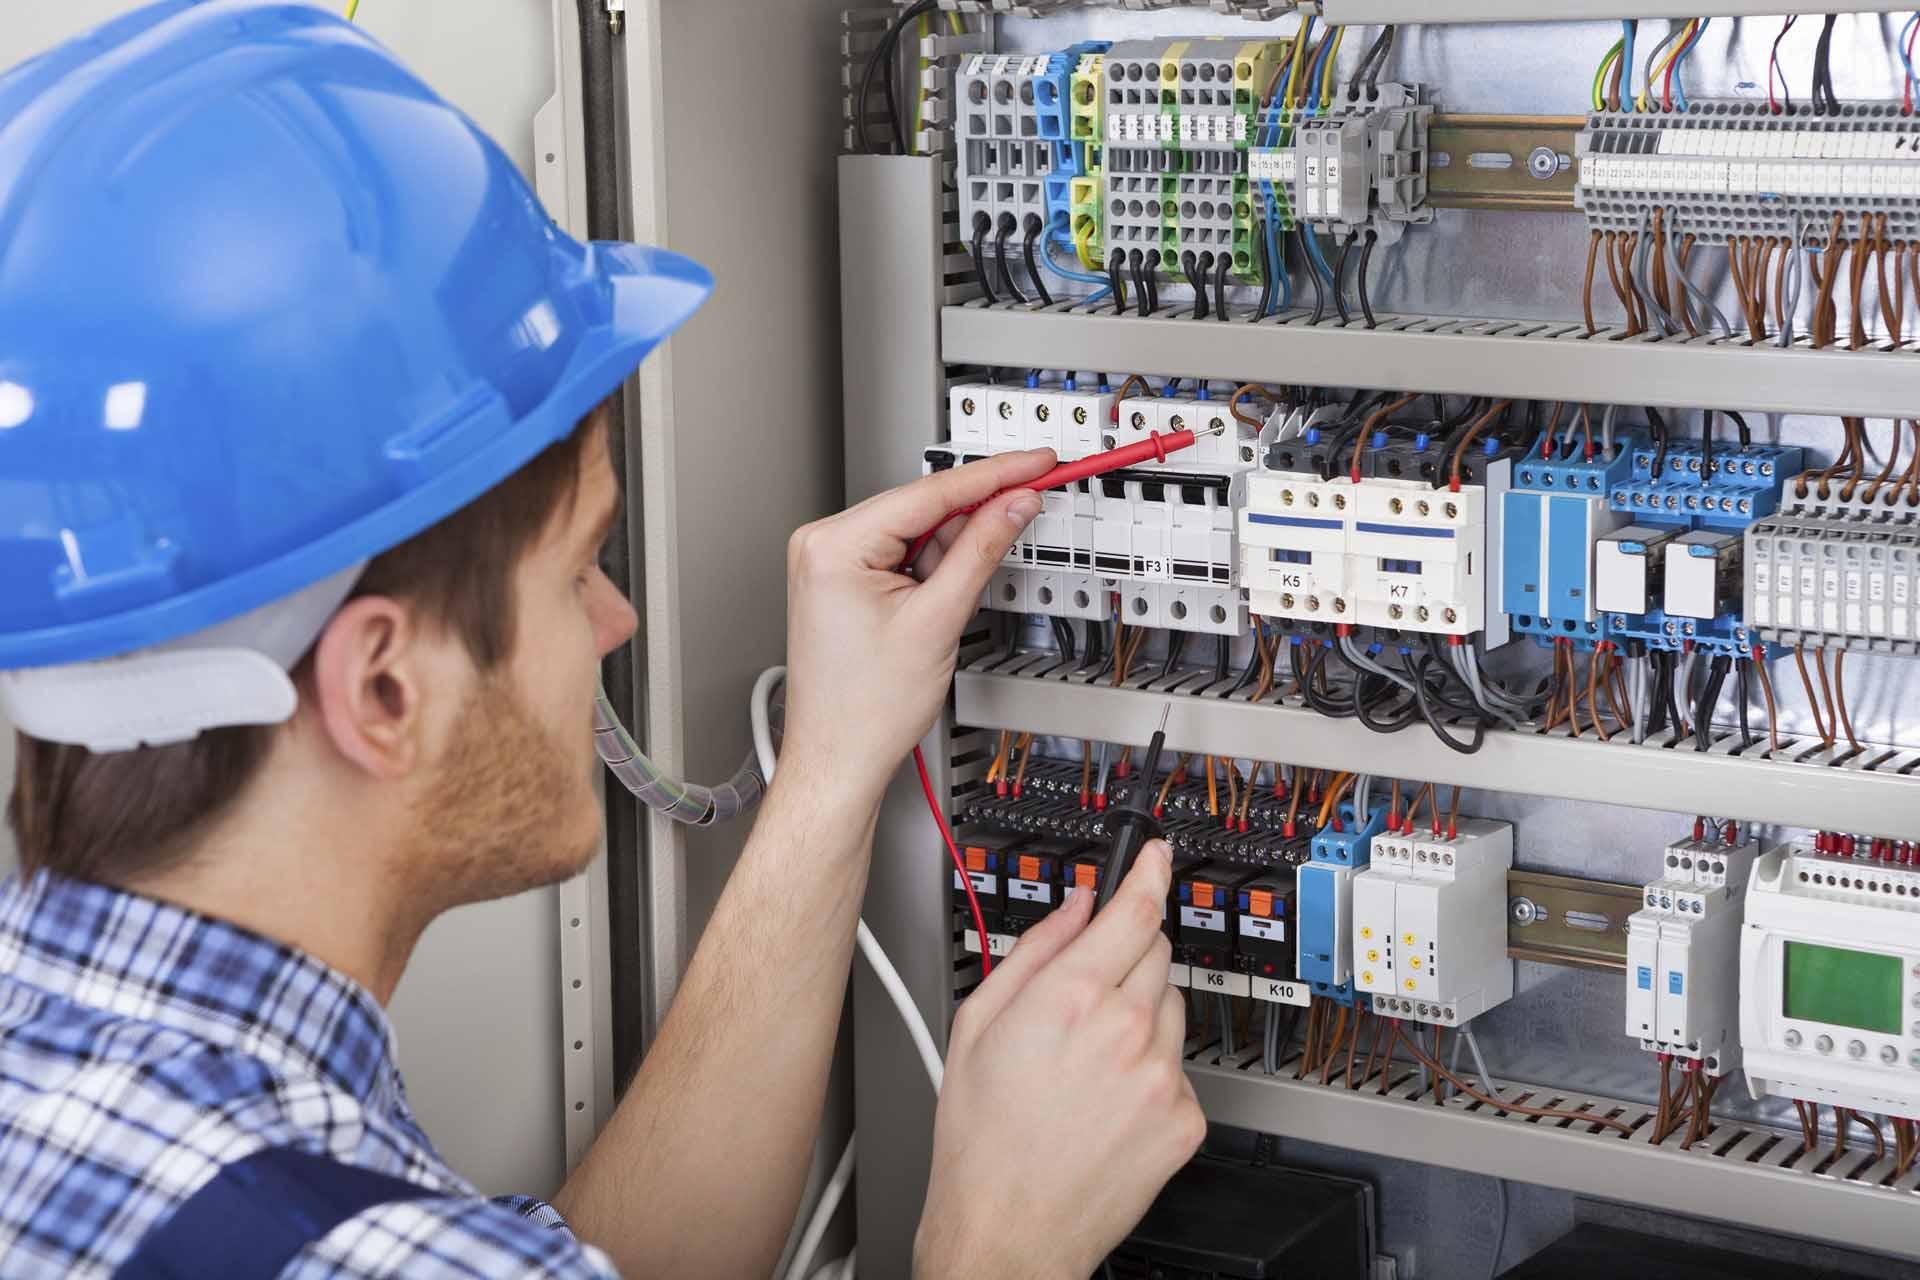 El-arbejde, spar 40% - Indhent tilbud fra elektrikere